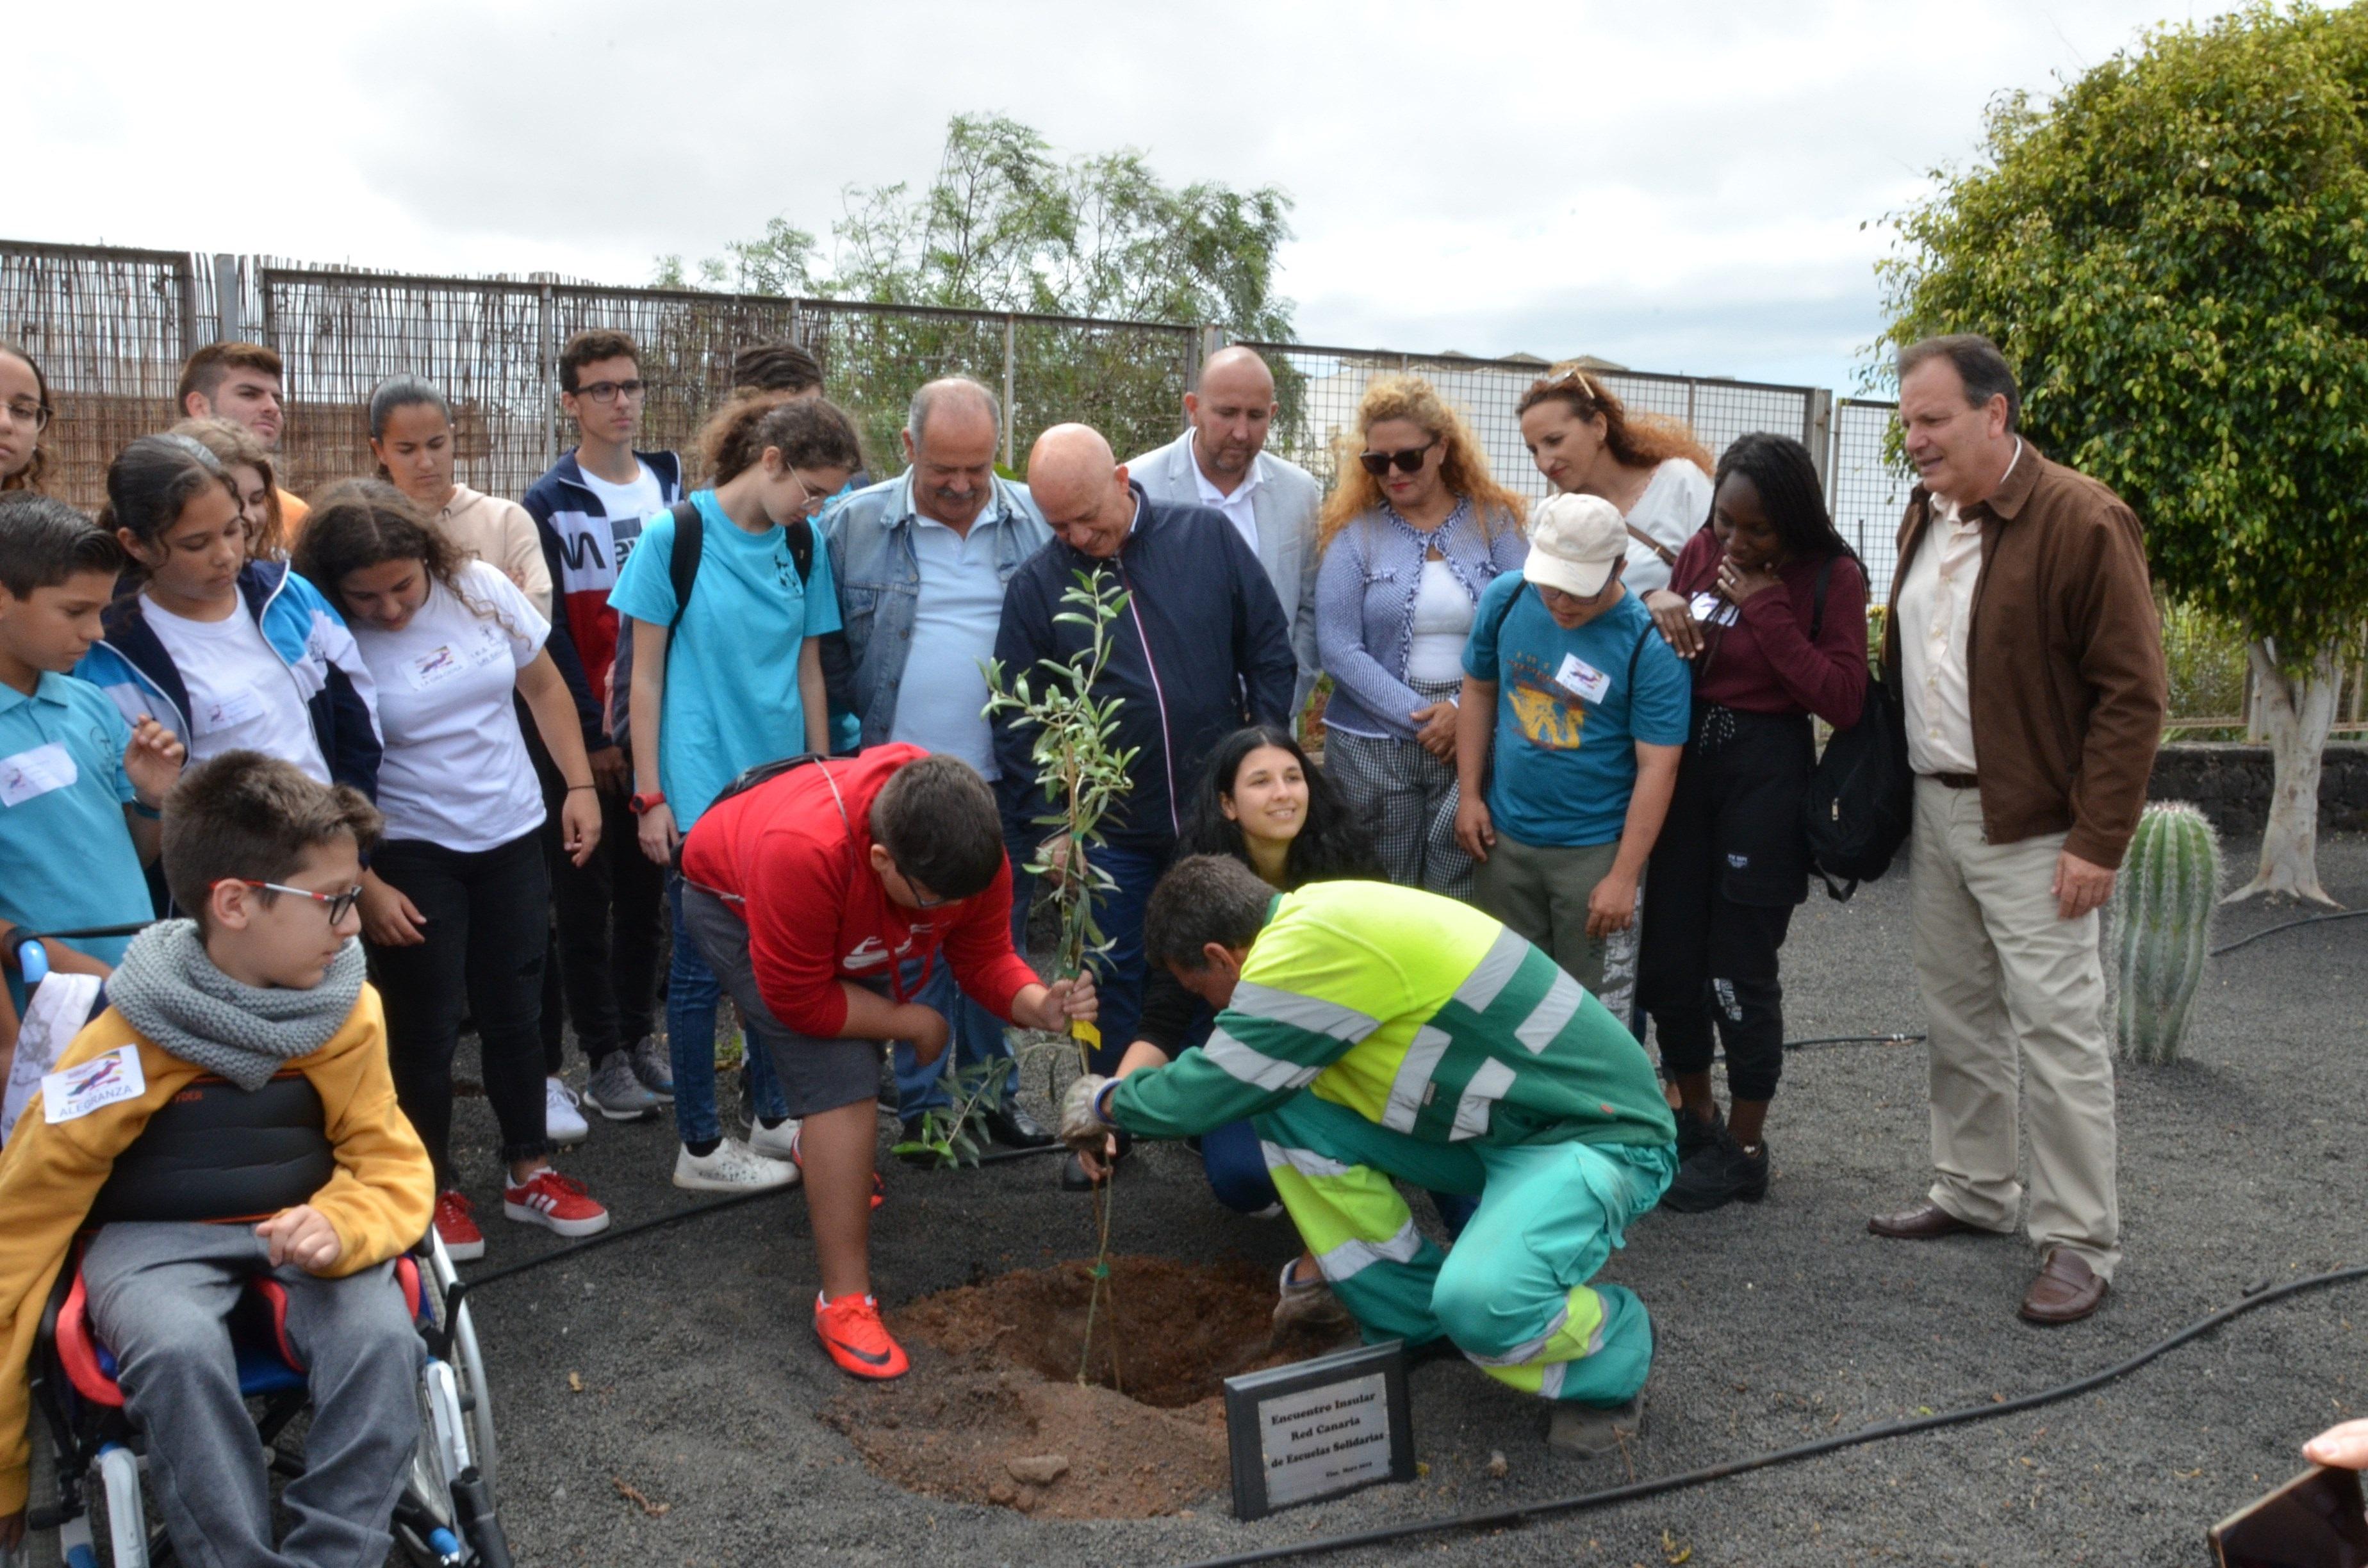 Un olivo plantado hoy recuerda en Tías la presencia de quince escuelas solidarias